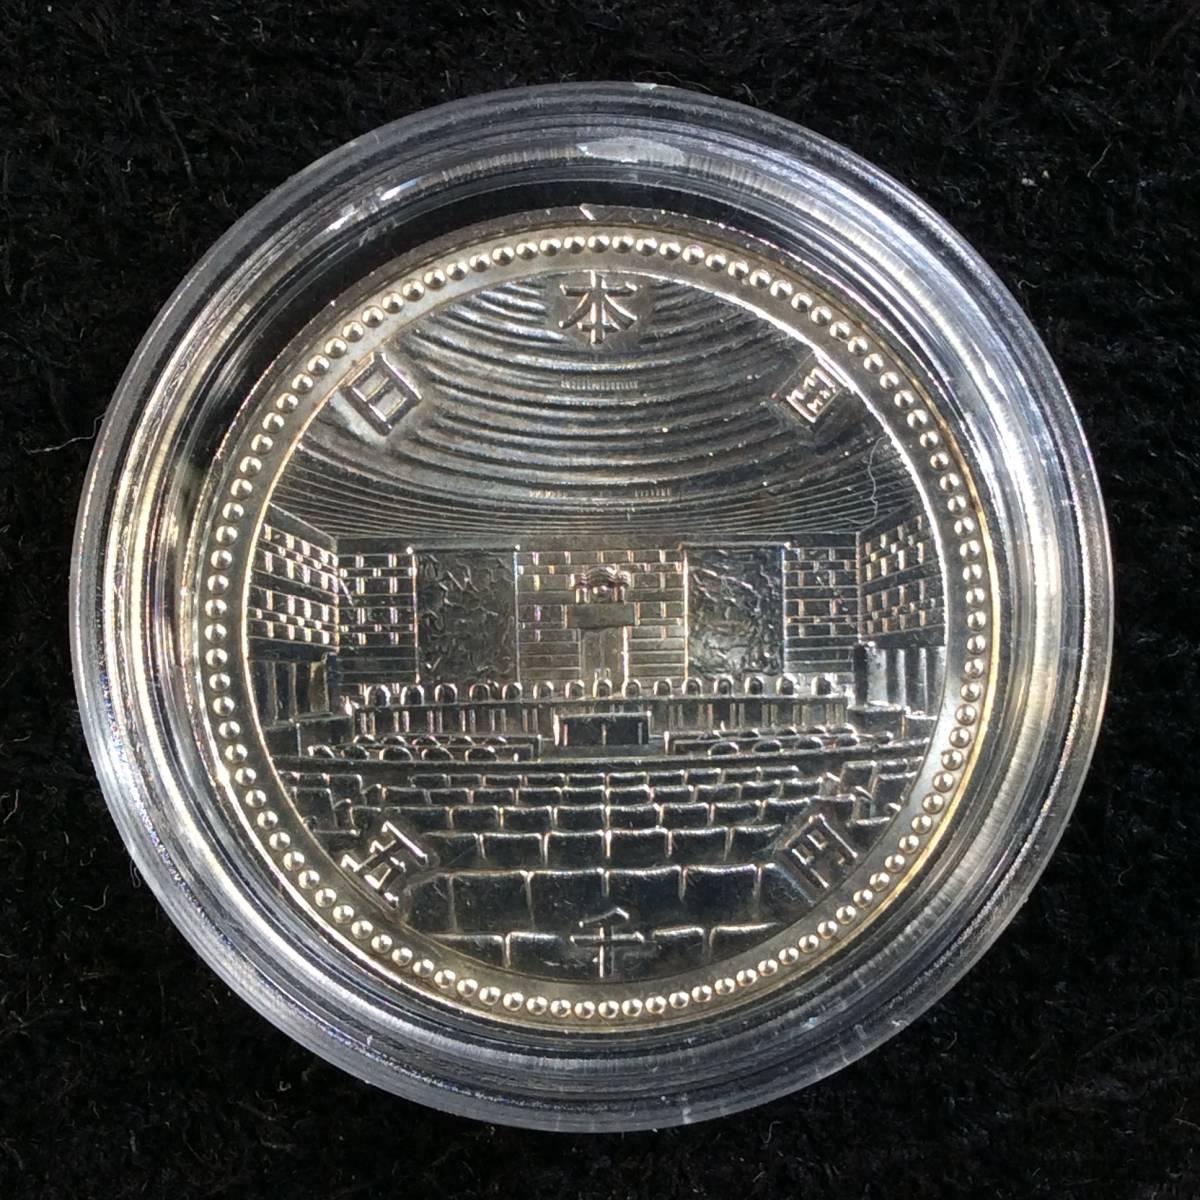 【記念 銀貨・最後の一枚】平成2年、裁判所制度100周年記念、5000円銀貨、発行枚数5000万枚、量目15g 直径30mm、コインカプセル入り_画像2